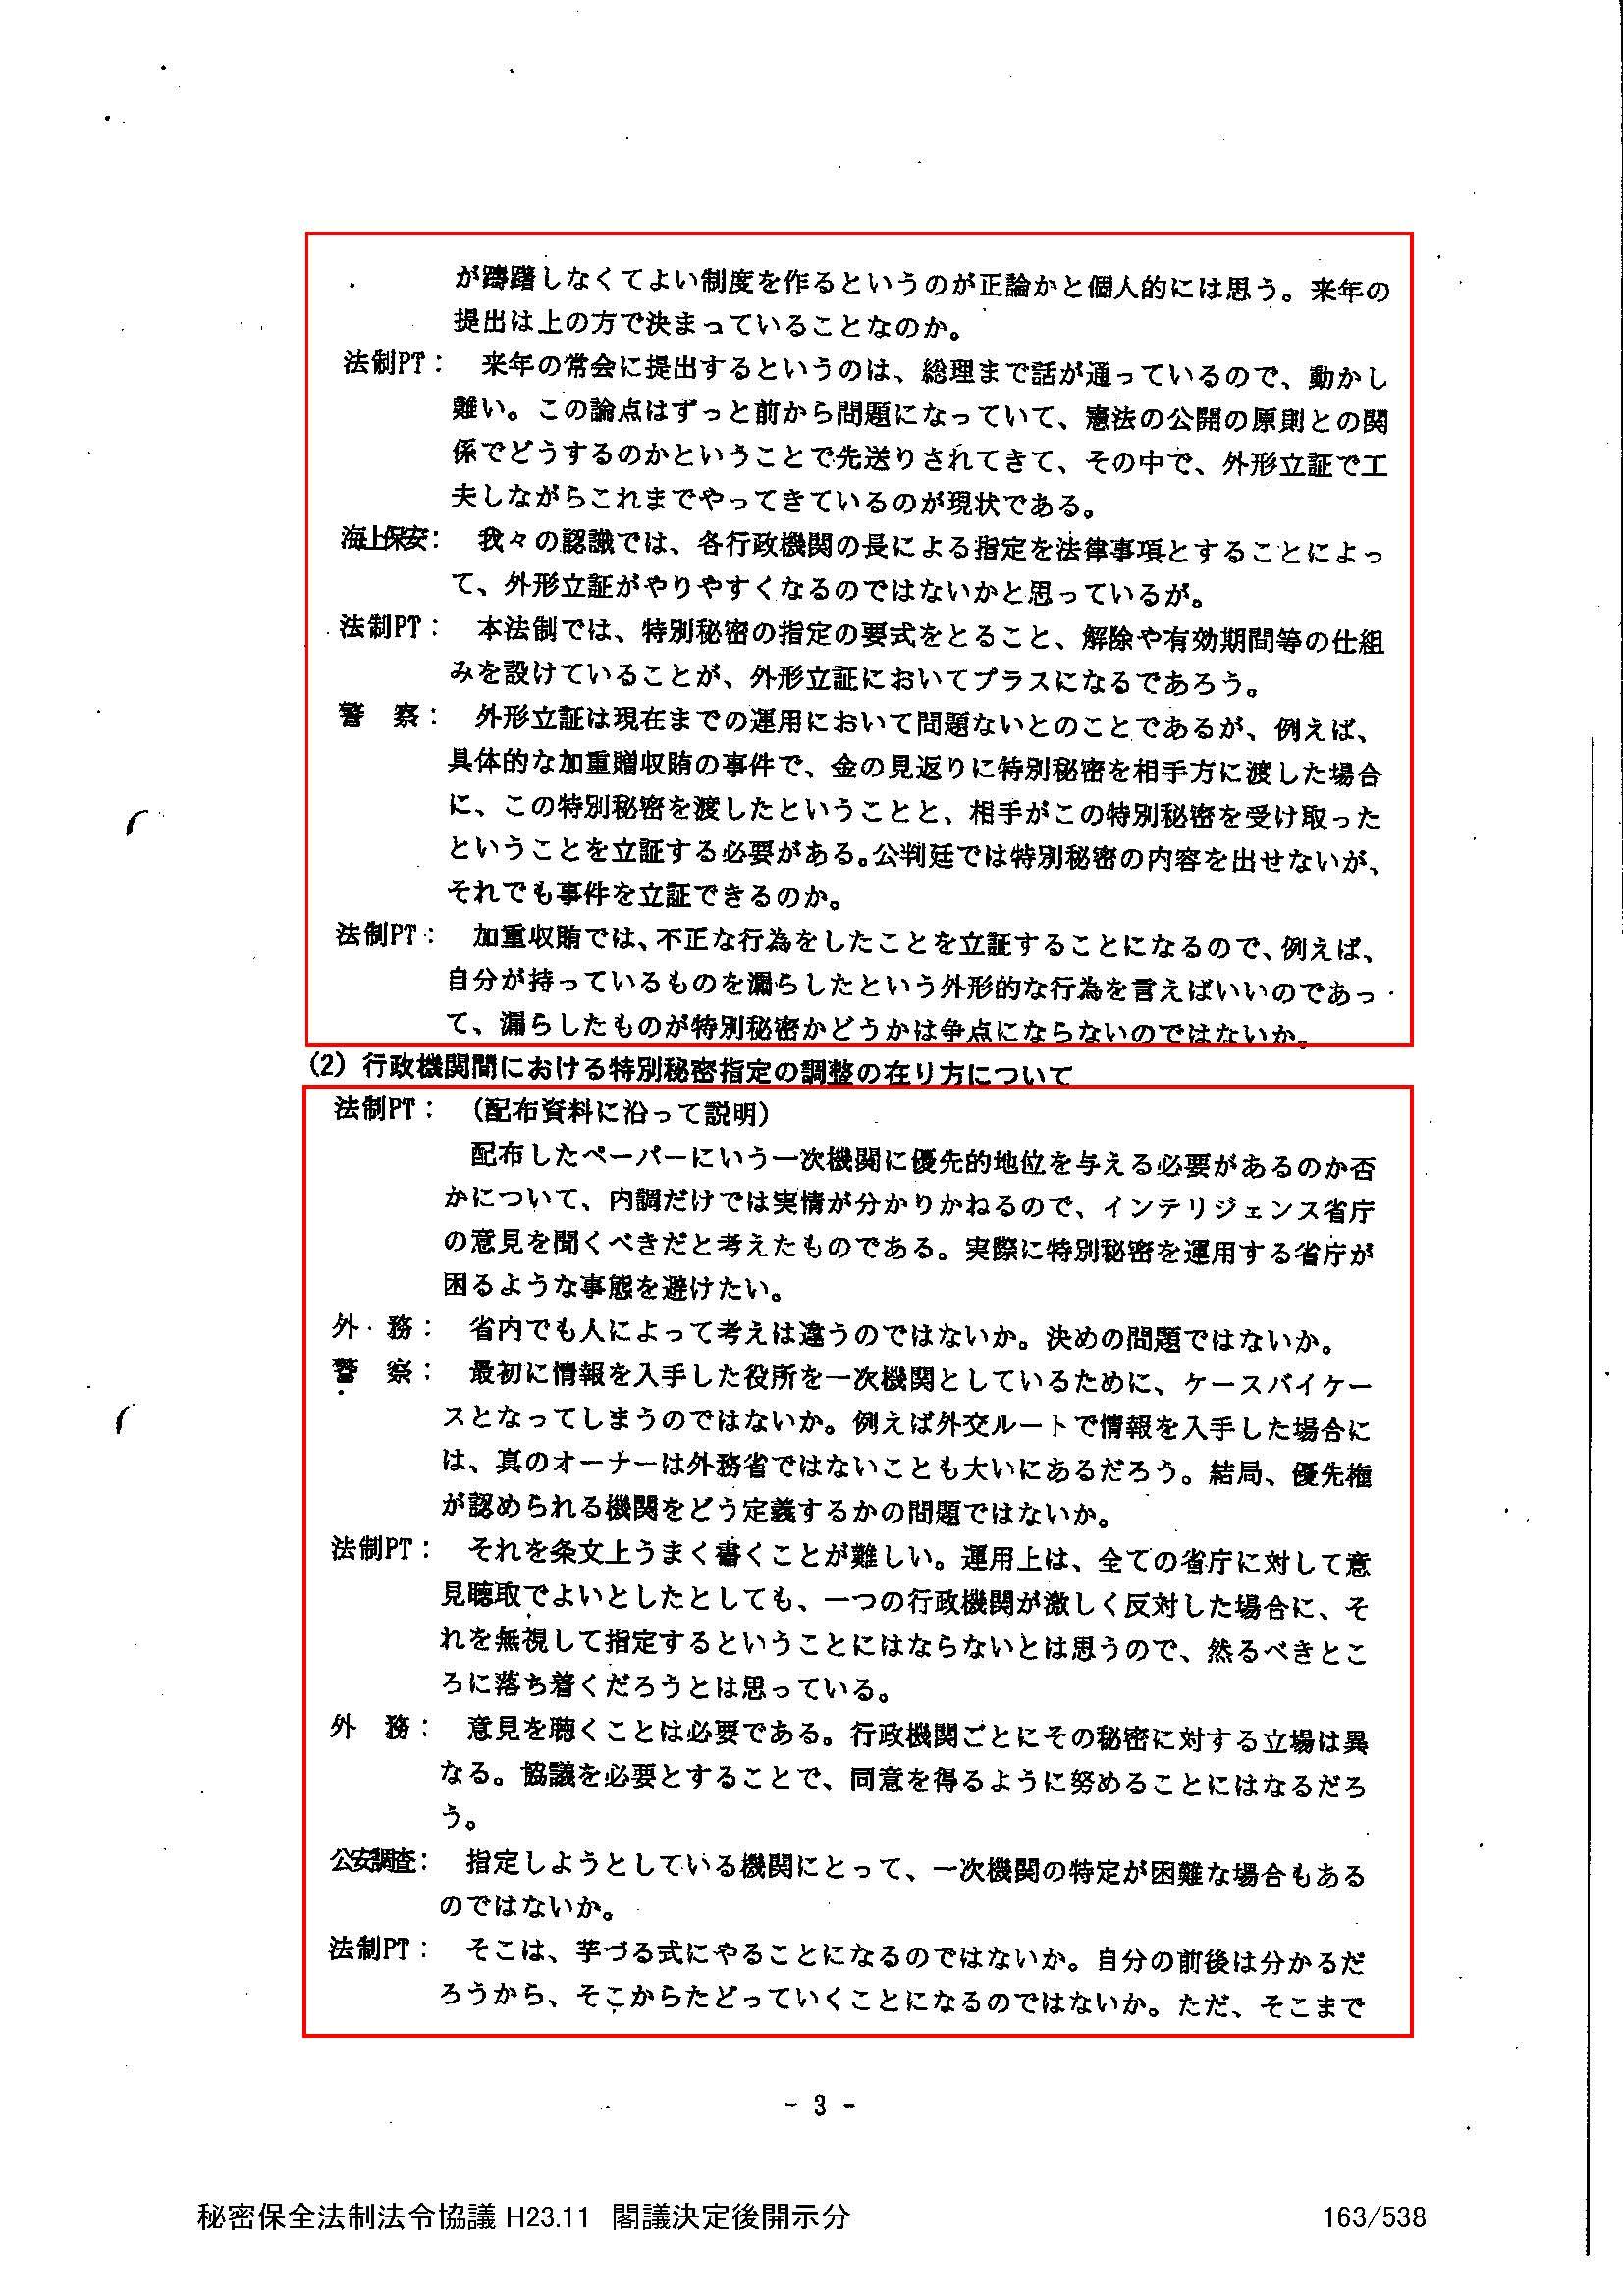 秘密保護法情報公開訴訟通信(8) 12月19日の弁論準備期日のご報告_d0011701_16273618.jpg